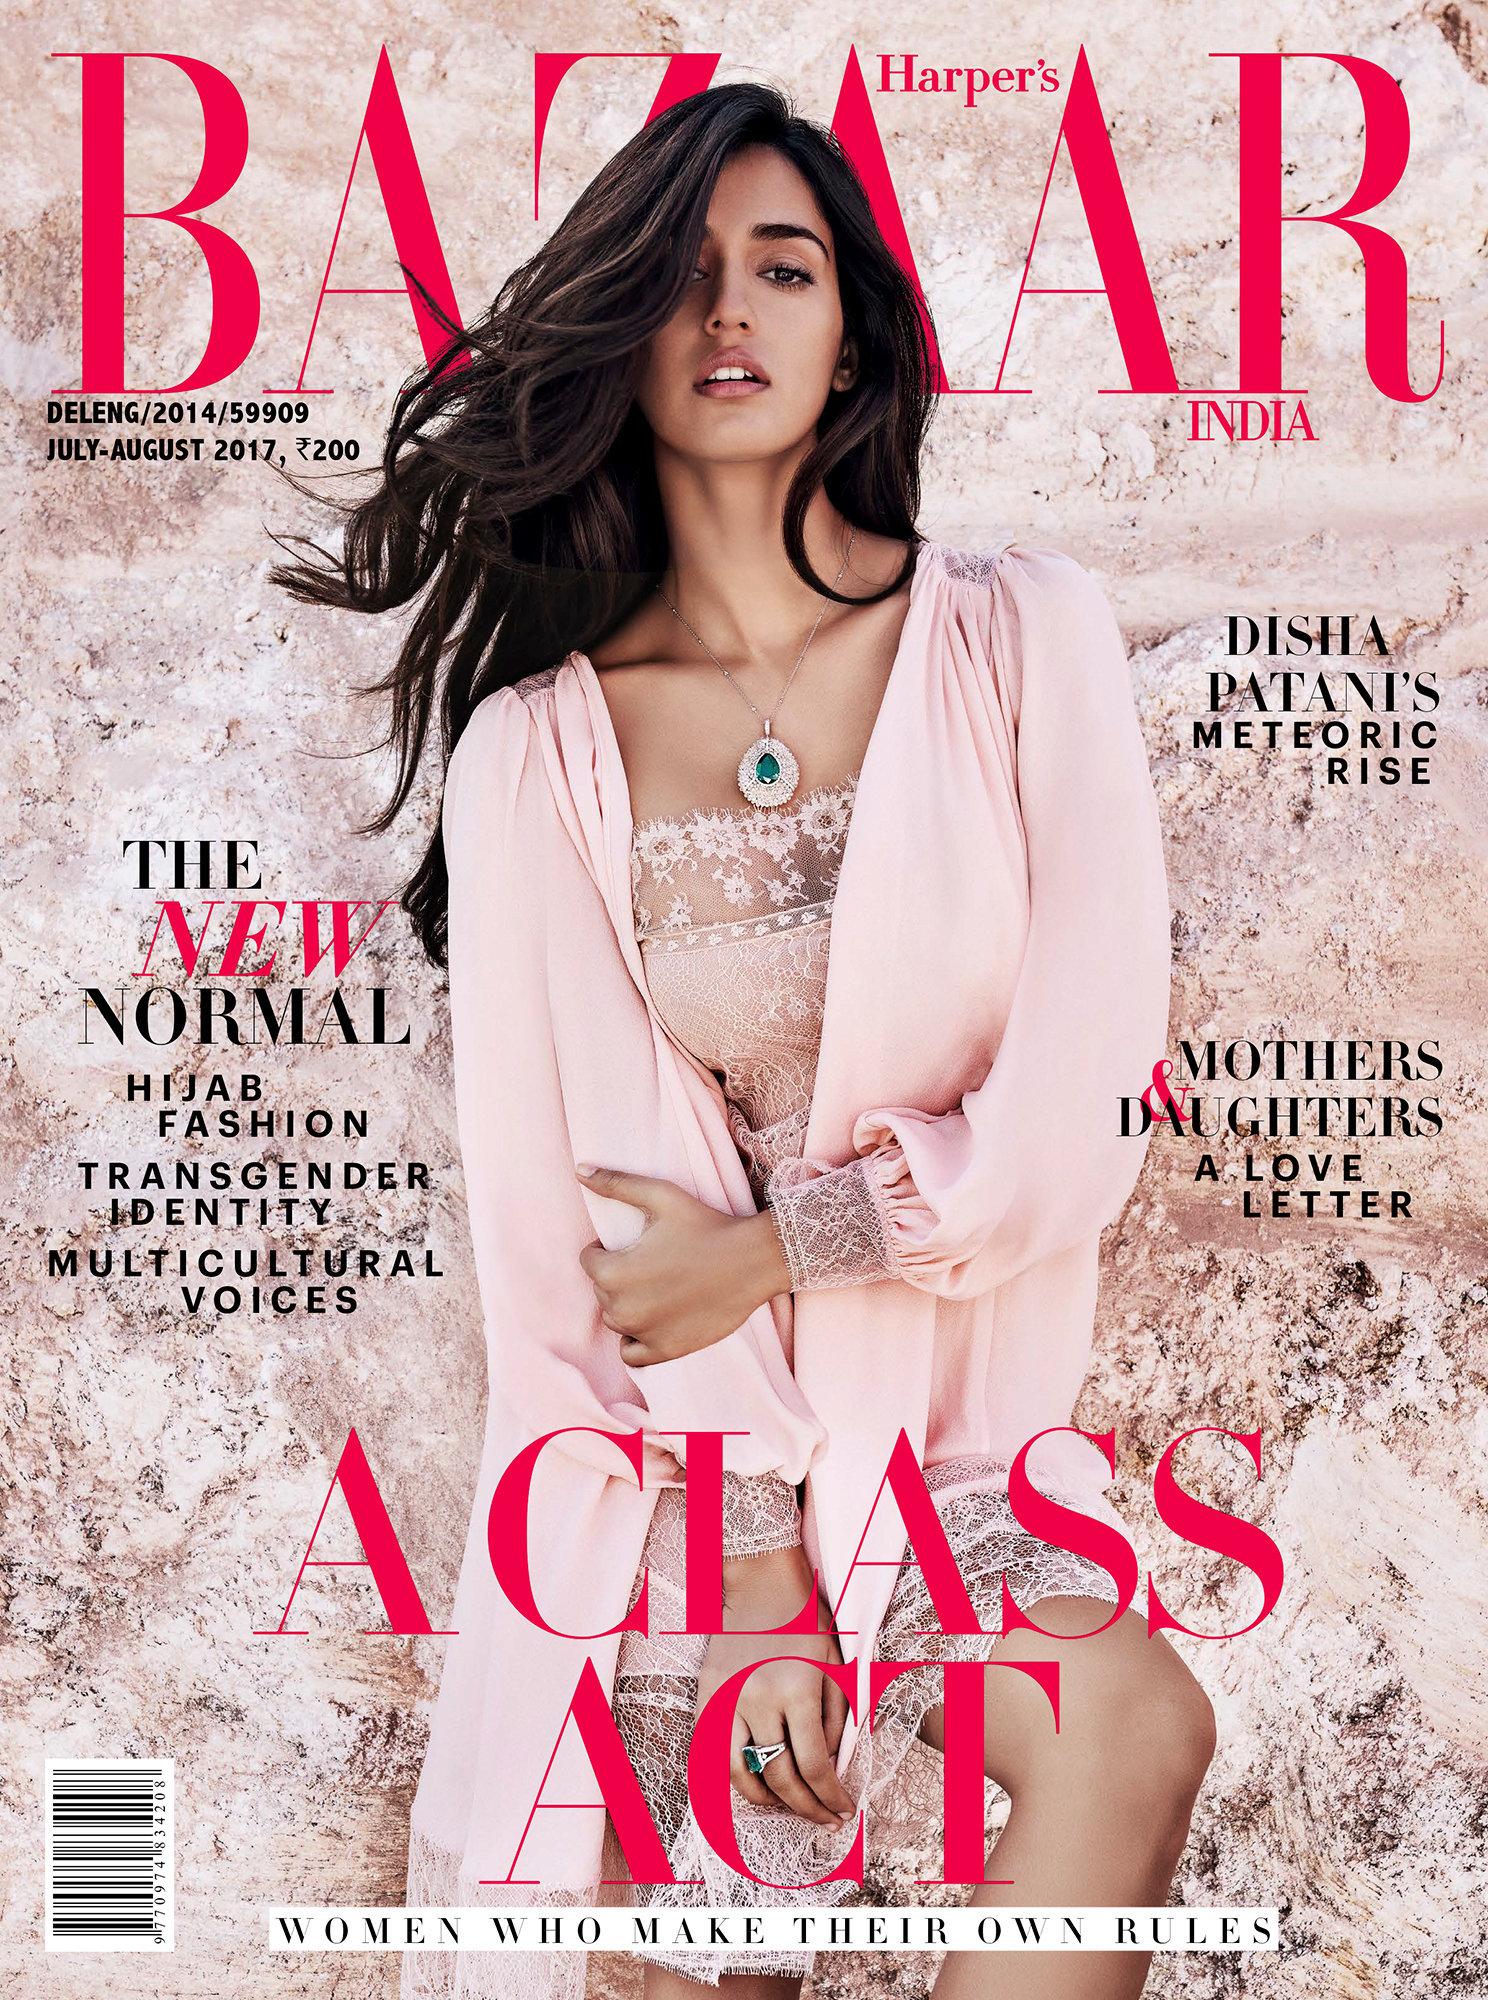 Harper's Bazaar India Cover - July 2017